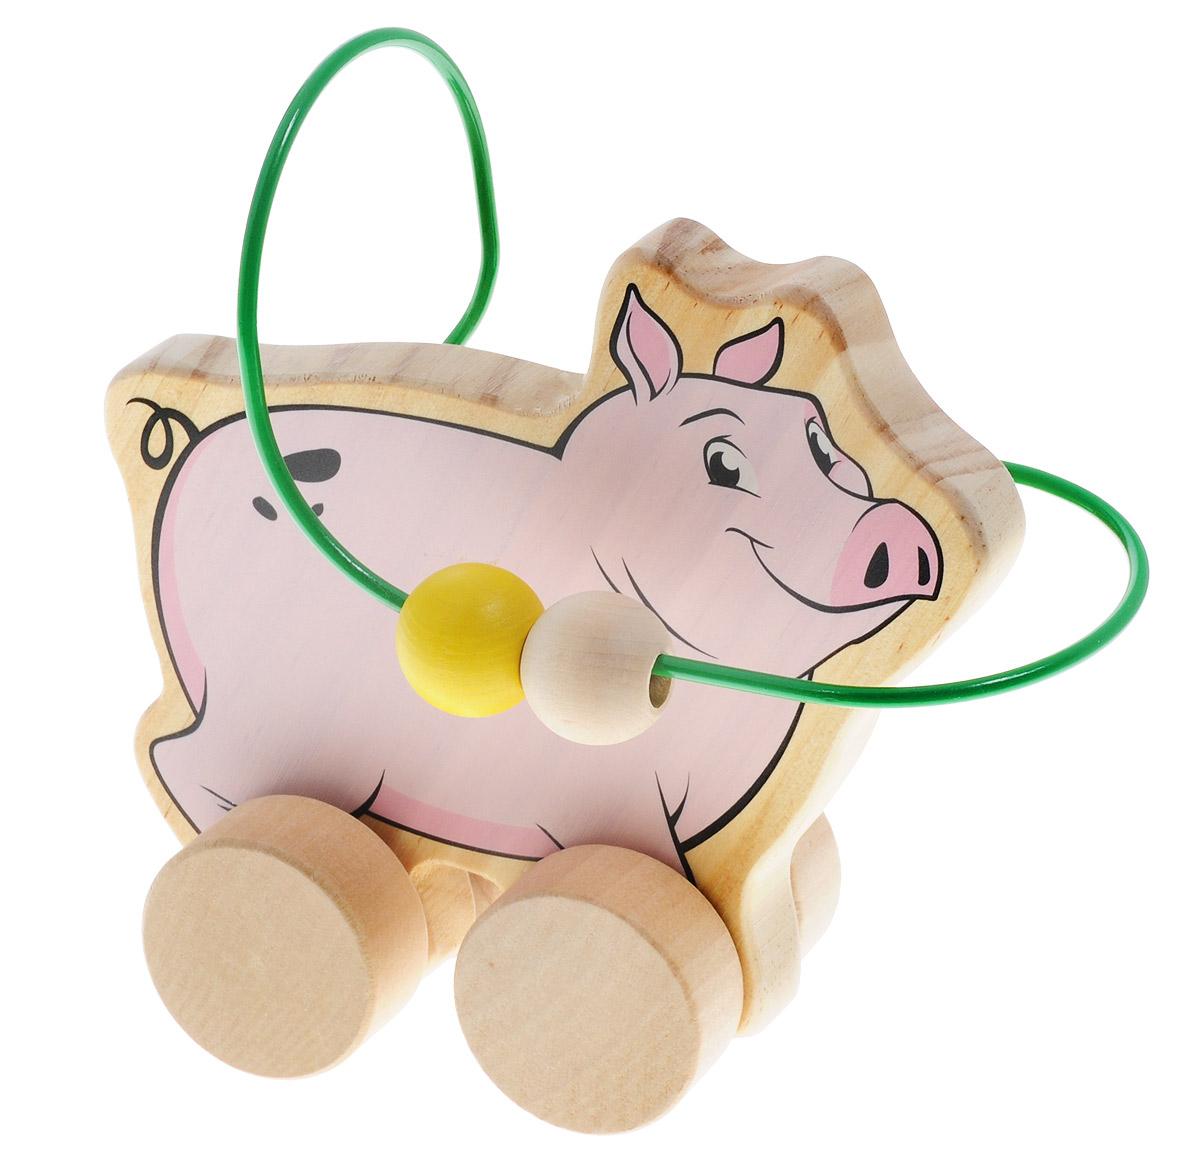 Мир деревянных игрушек Лабиринт-каталка СвиньяД367Лабиринт-каталка Мир деревянных игрушек Свинья - это замечательная игрушка для малышей! Игрушка в виде свиньи на колесиках выполнена из качественных материалов по европейским стандартам и покрыта специальной краской на водной основе, которая абсолютно безопасна для вашего малыша. Натуральное дерево, из которого изготовлена игрушка, прошло специальную обработку, в результате чего на модели не осталось острых углов или шероховатых поверхностей, которые могут повредить кожу ребенка. Производитель использует только экологически чистую новозеландскую сосну для производства своих игрушек. К игрушке прикреплена изогнутая проволока, по которой свободно могут двигаться фигурки, различные по цвету и форме. Мелкие детали не снимаются. Благодаря большим деревянным колесам малыш сможет использовать игрушку и как каталку. Лабиринт-каталка развивает моторику рук, логическое мышление, а также знакомит малыша с основными цветами и формами.